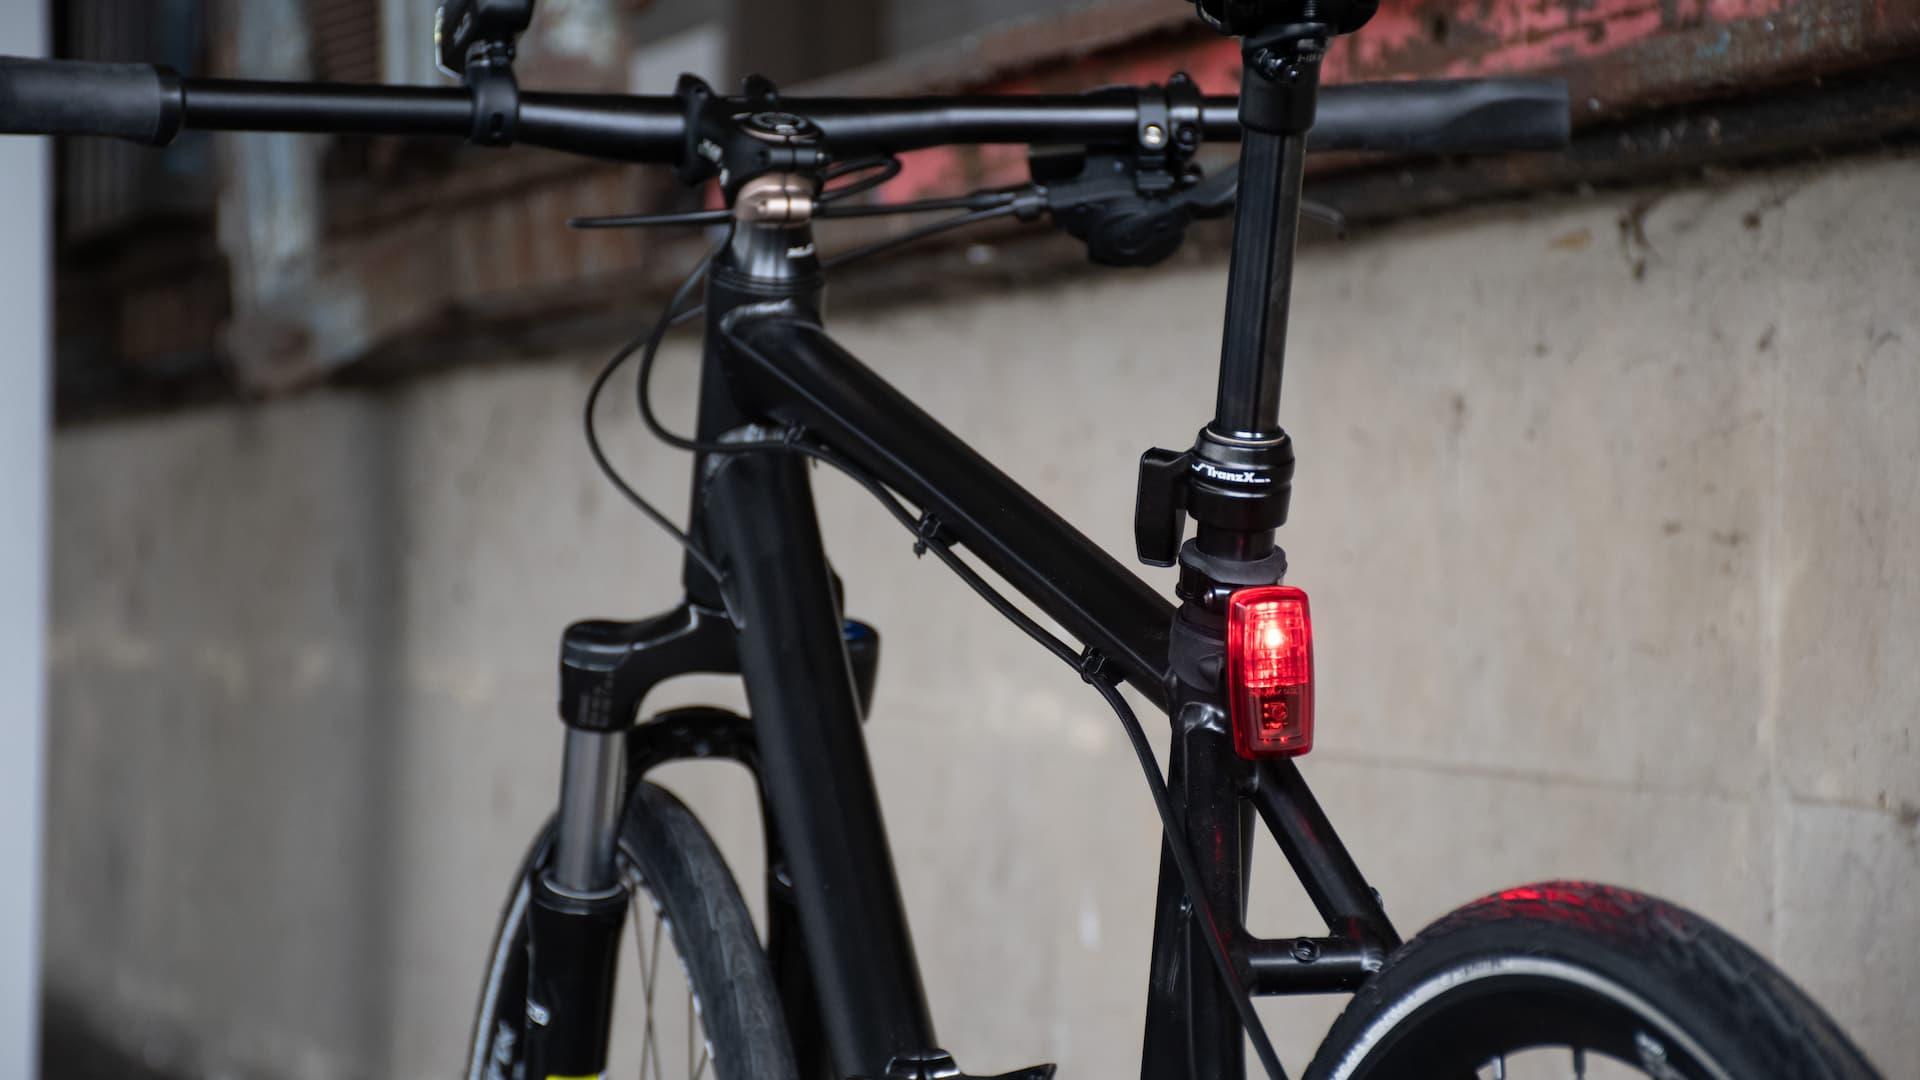 osłona rowerowa zamontowana na górnej róże ramy